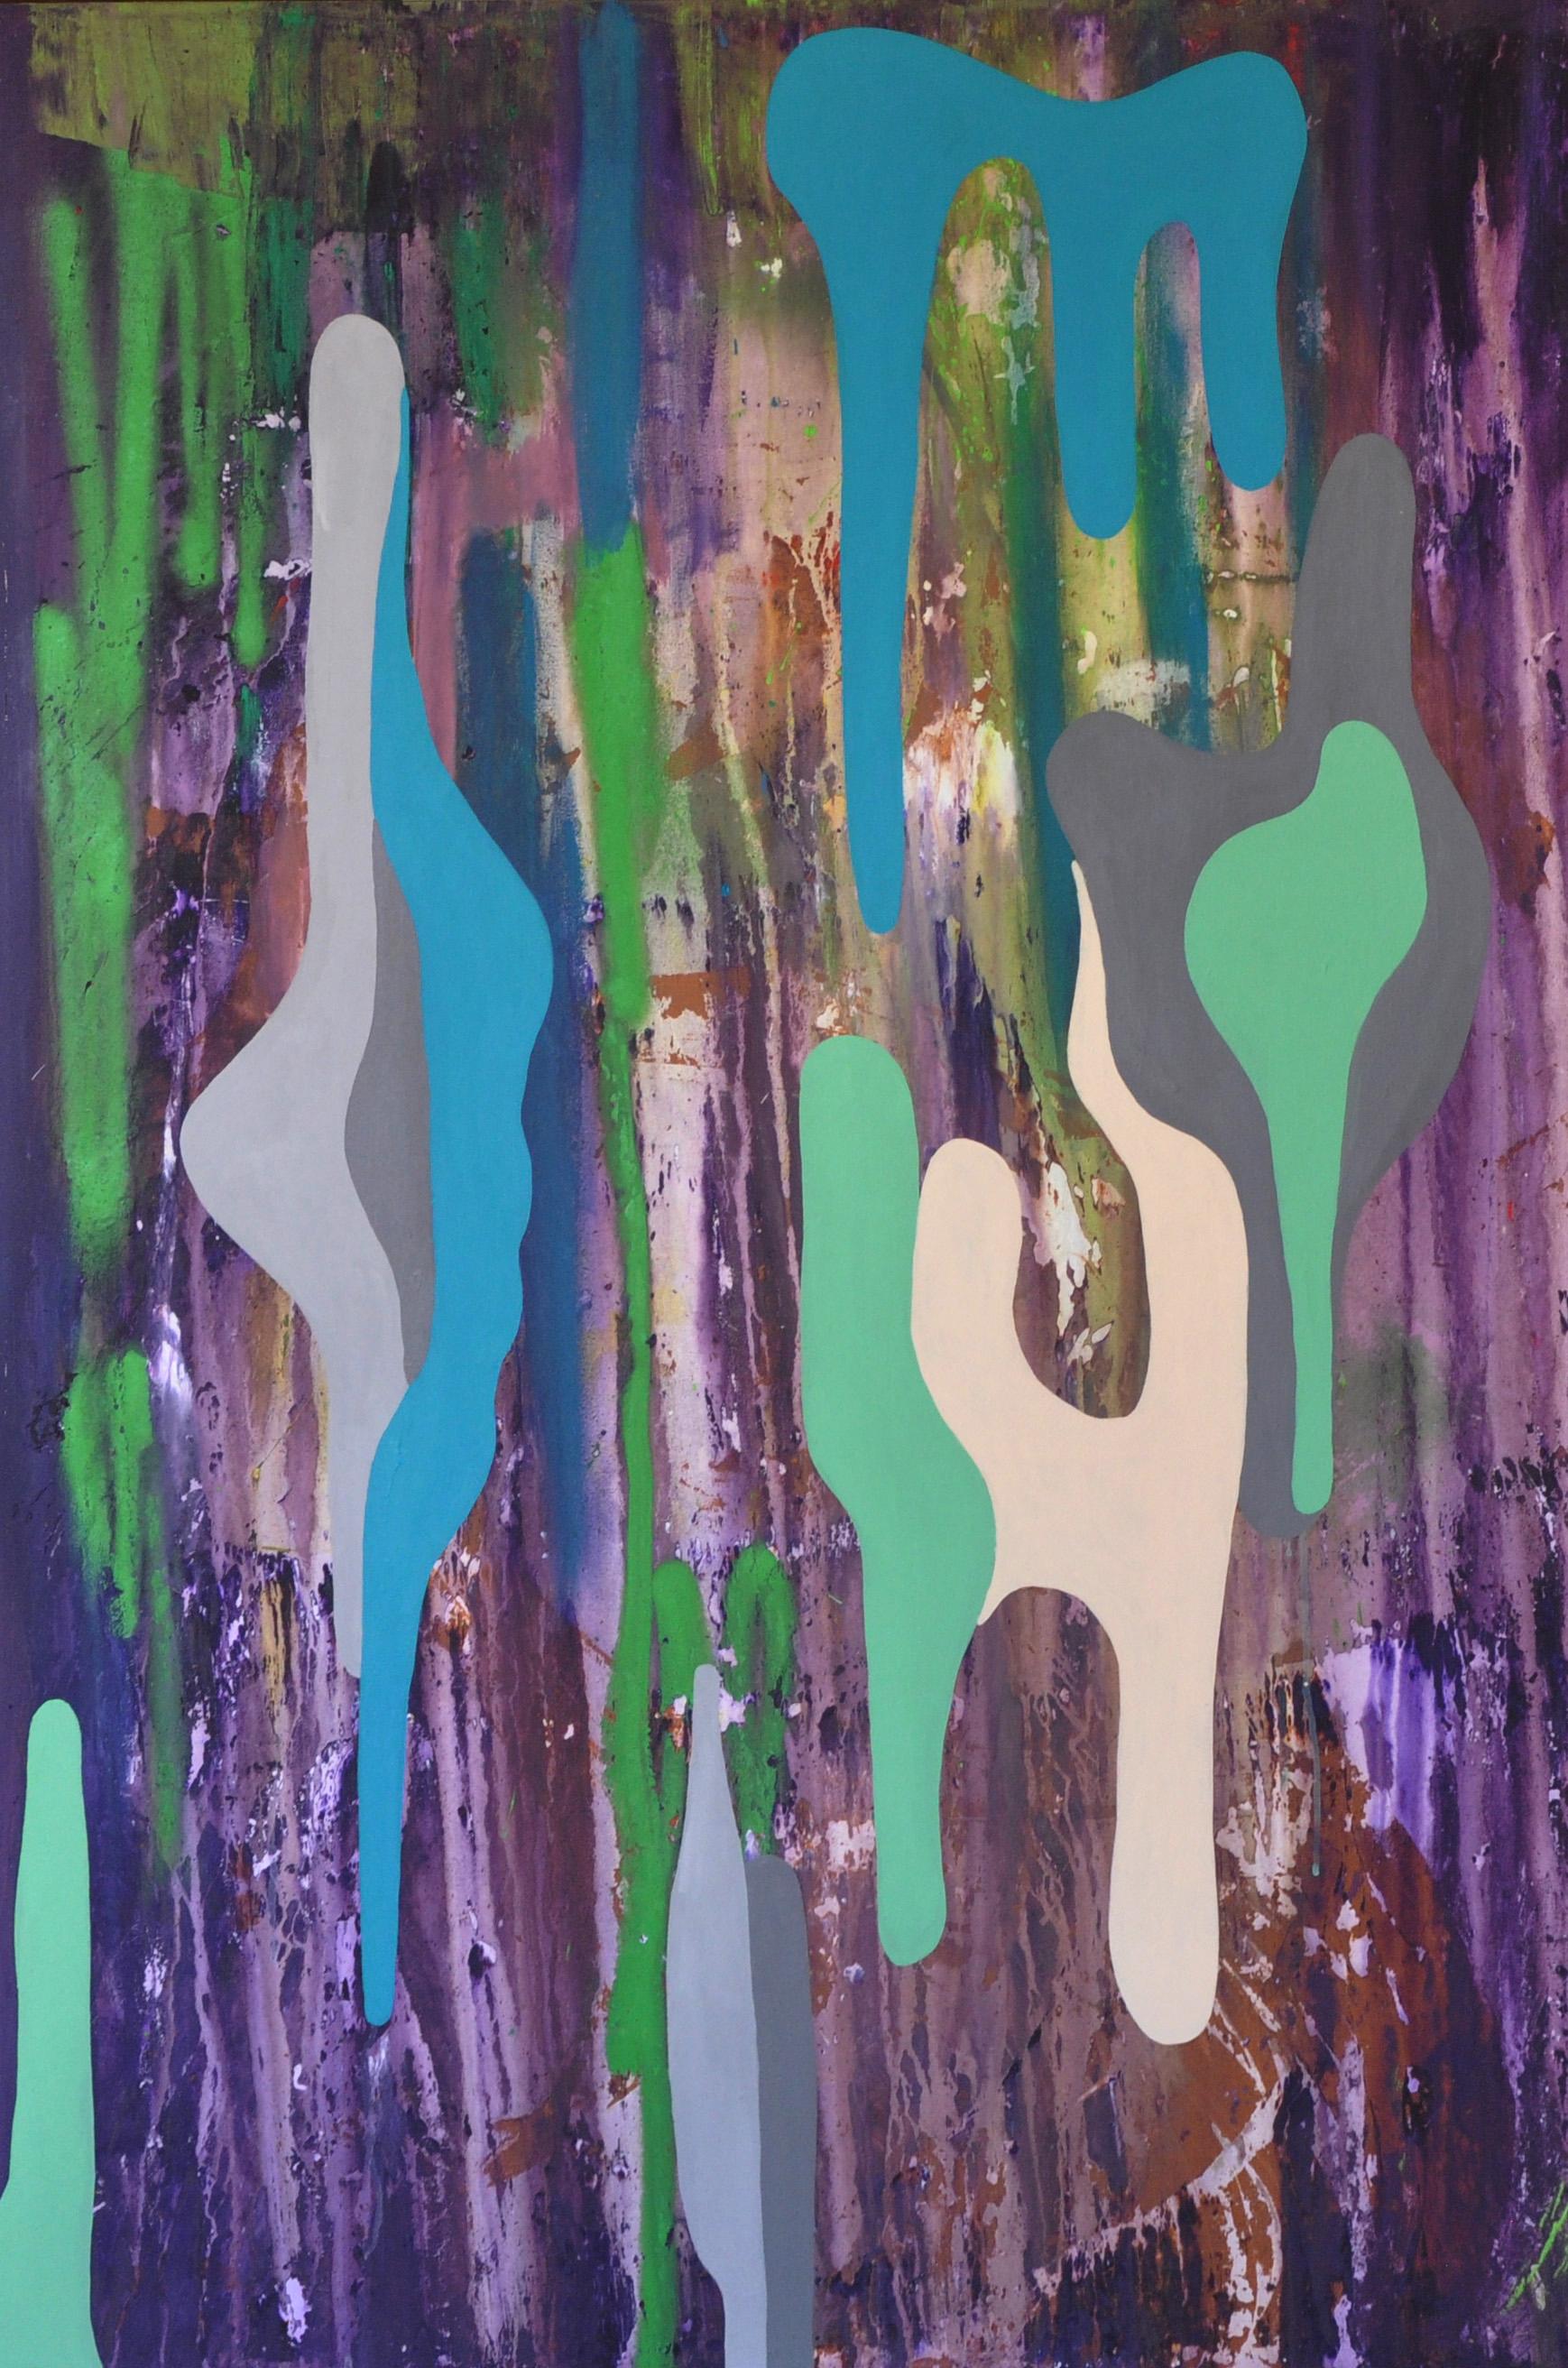 Javier Marten Green Mansions B 2017. 150x100cm. Mixed media_.jpg